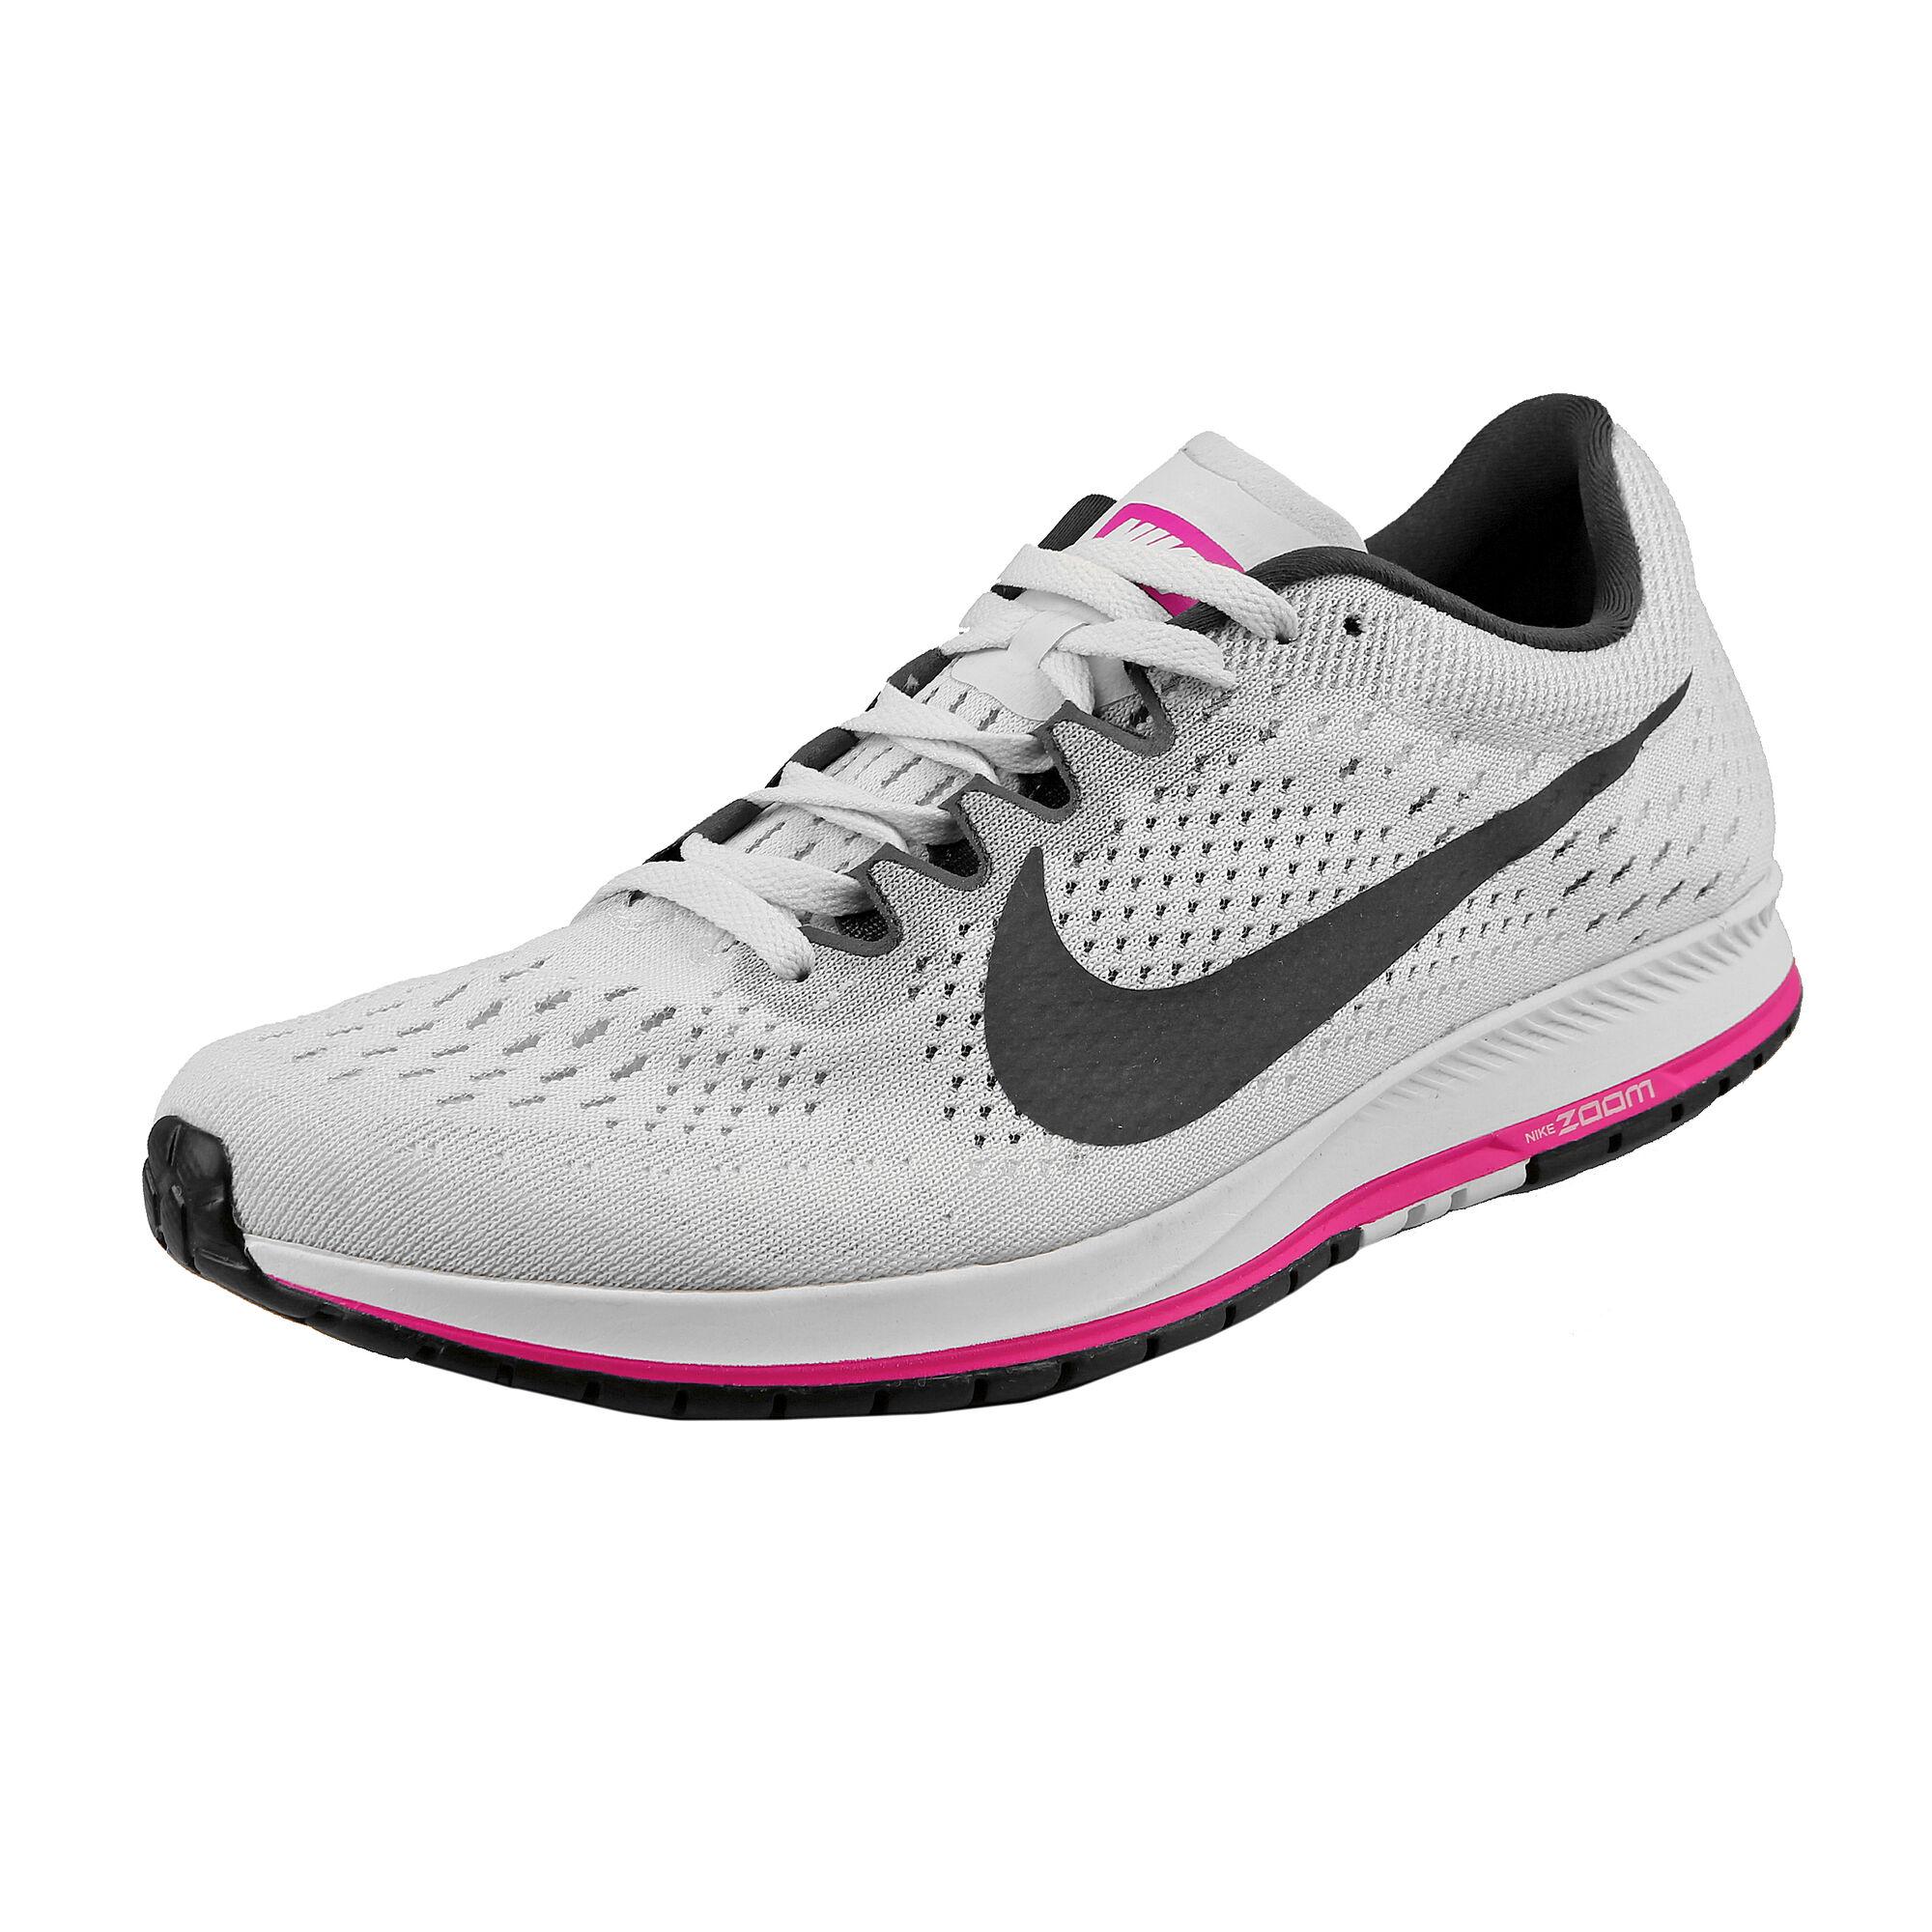 new arrival 9957c 7e4ee Nike · Nike · Nike · Nike. Zoom Streak 6 ...